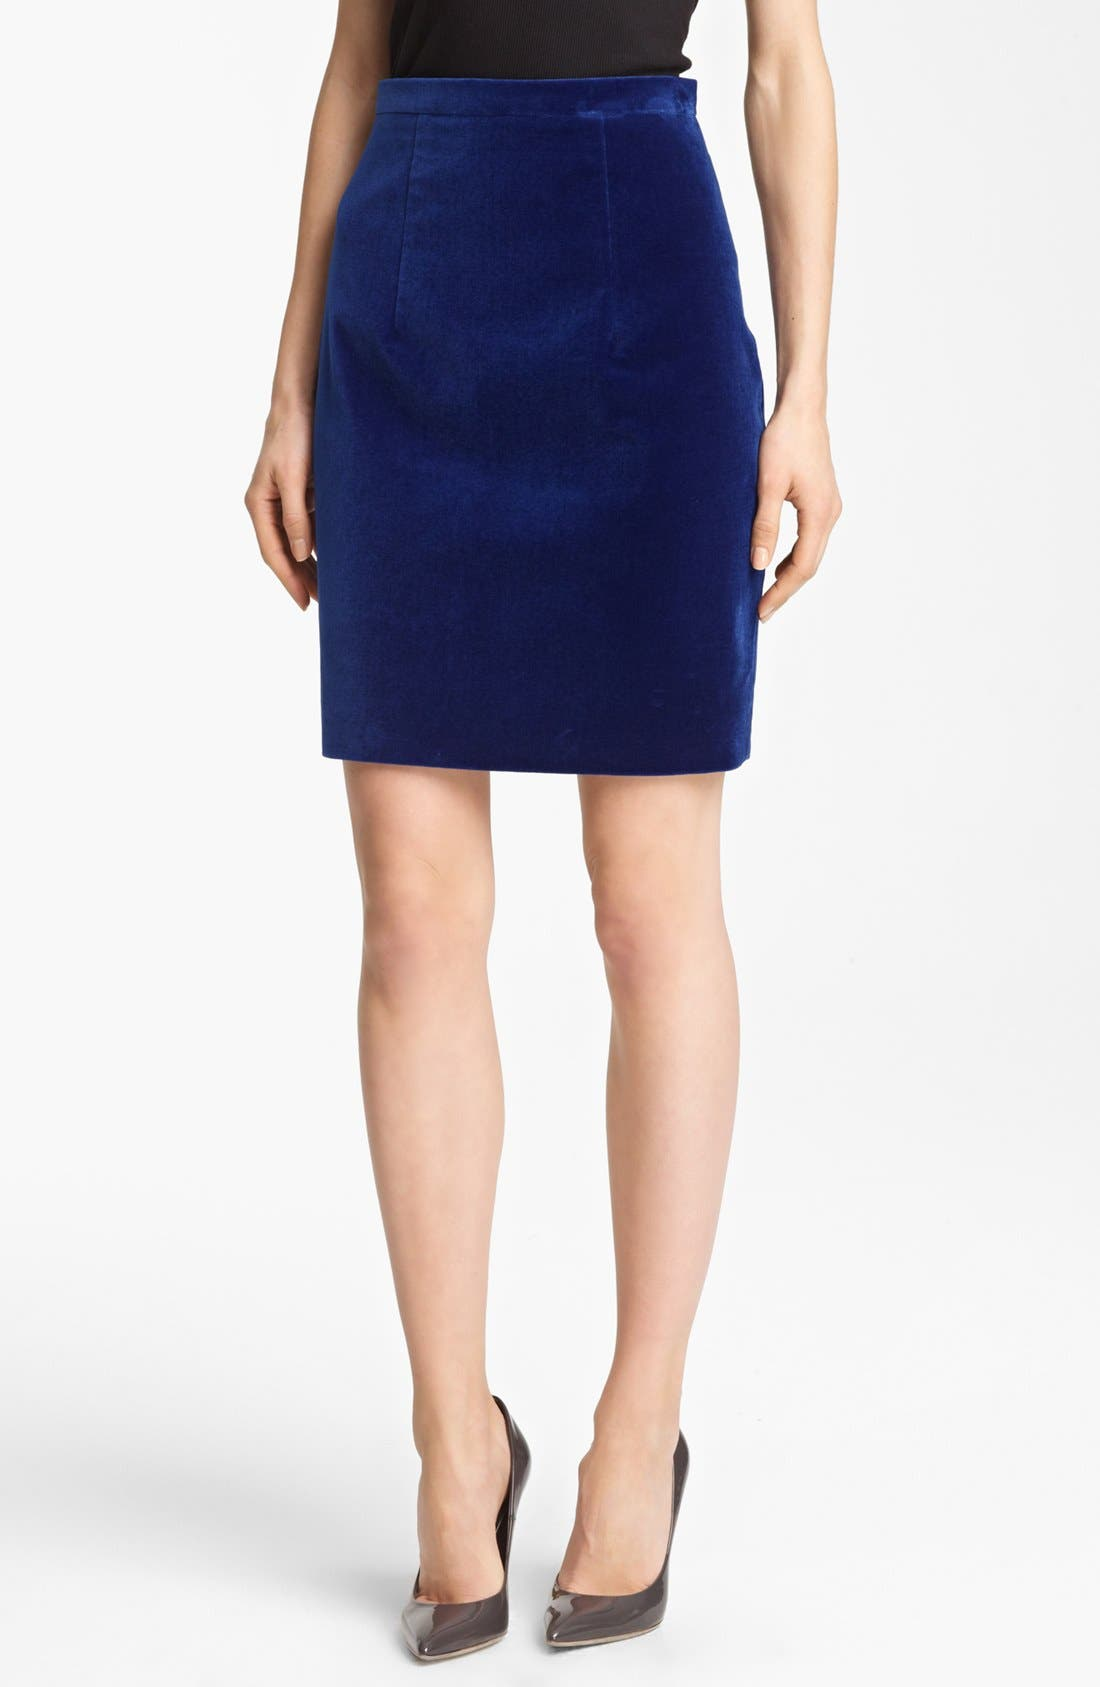 Alternate Image 1 Selected - Christopher Kane Velvet Pencil Skirt